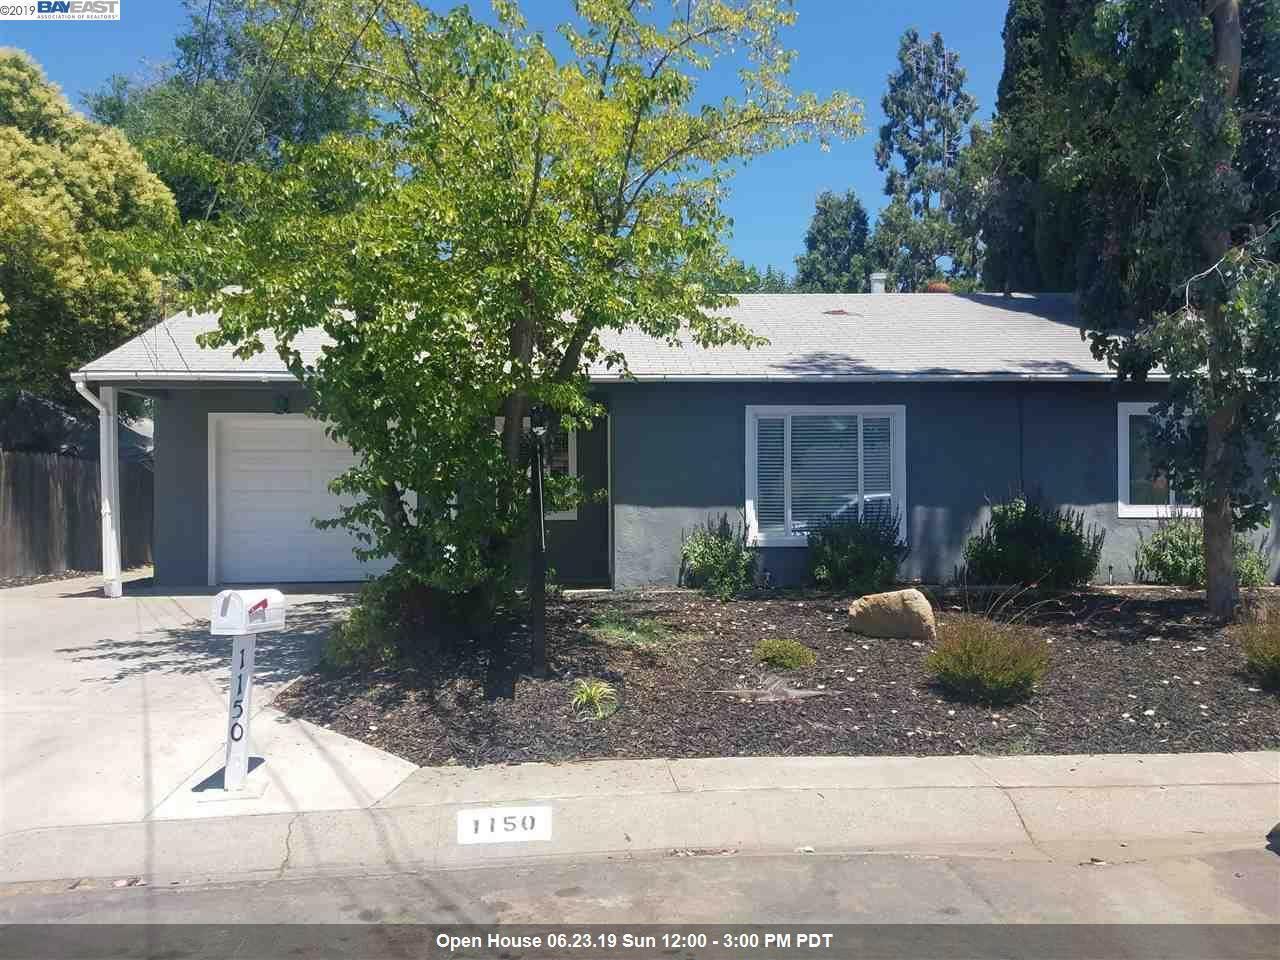 1150 Marilyn Way, Concord, California